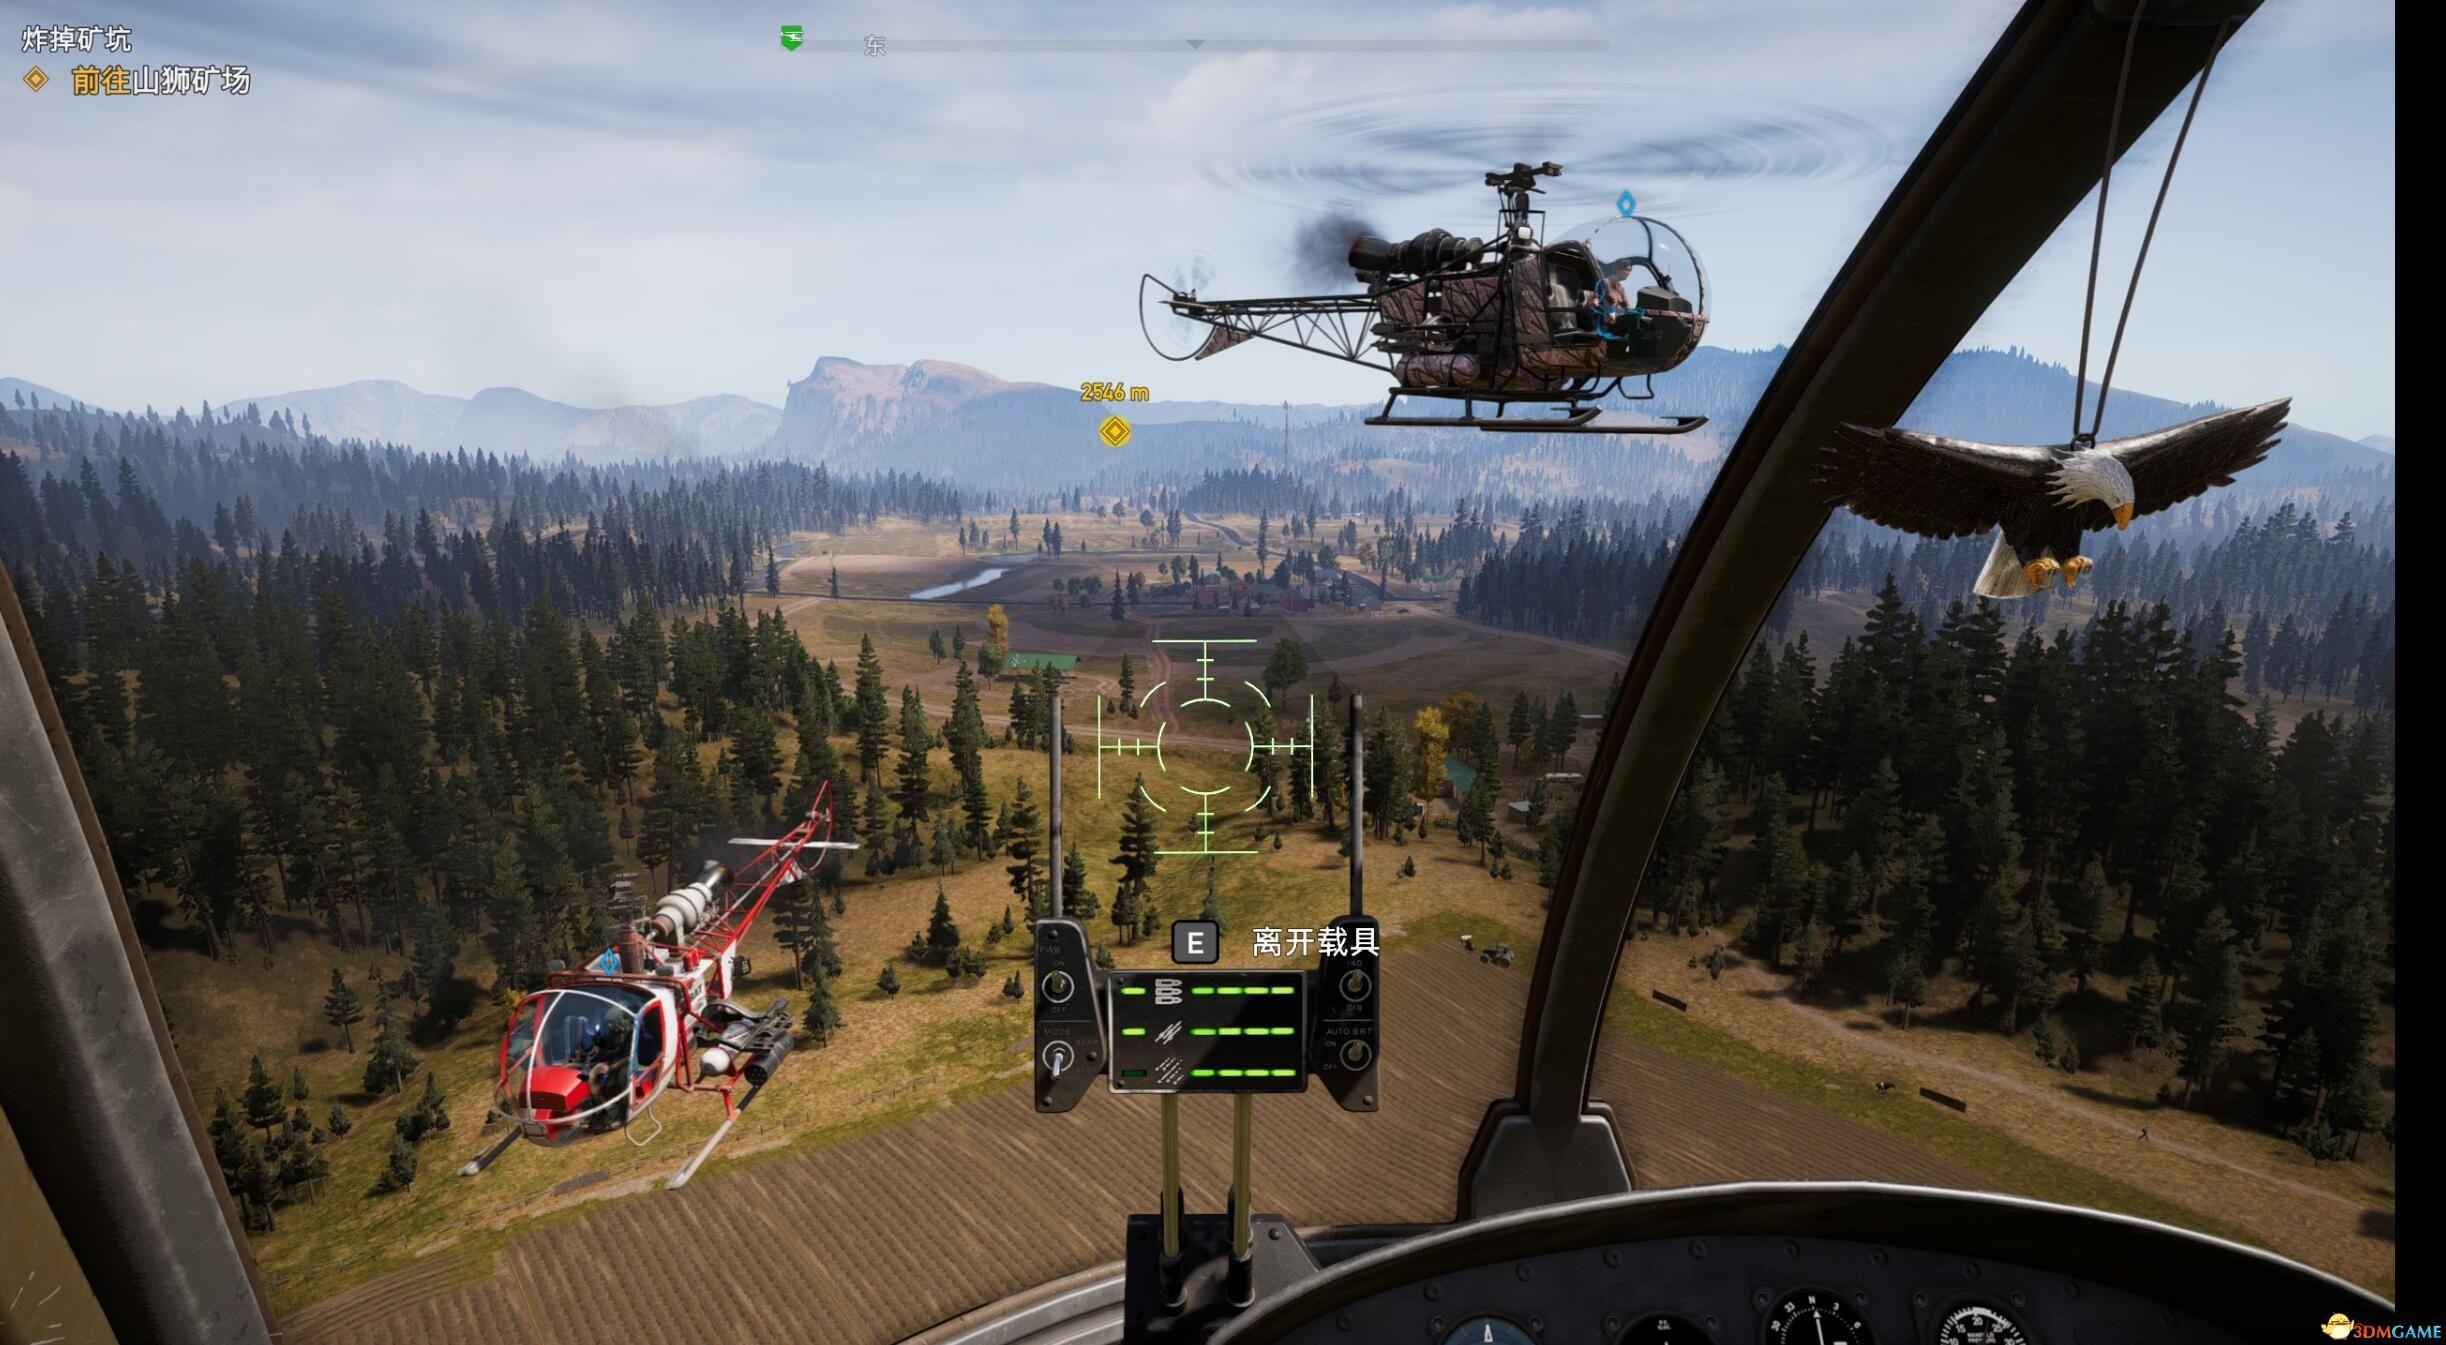 也可以把大妈换成飞机大叔,飞机轰炸 直升机压制.